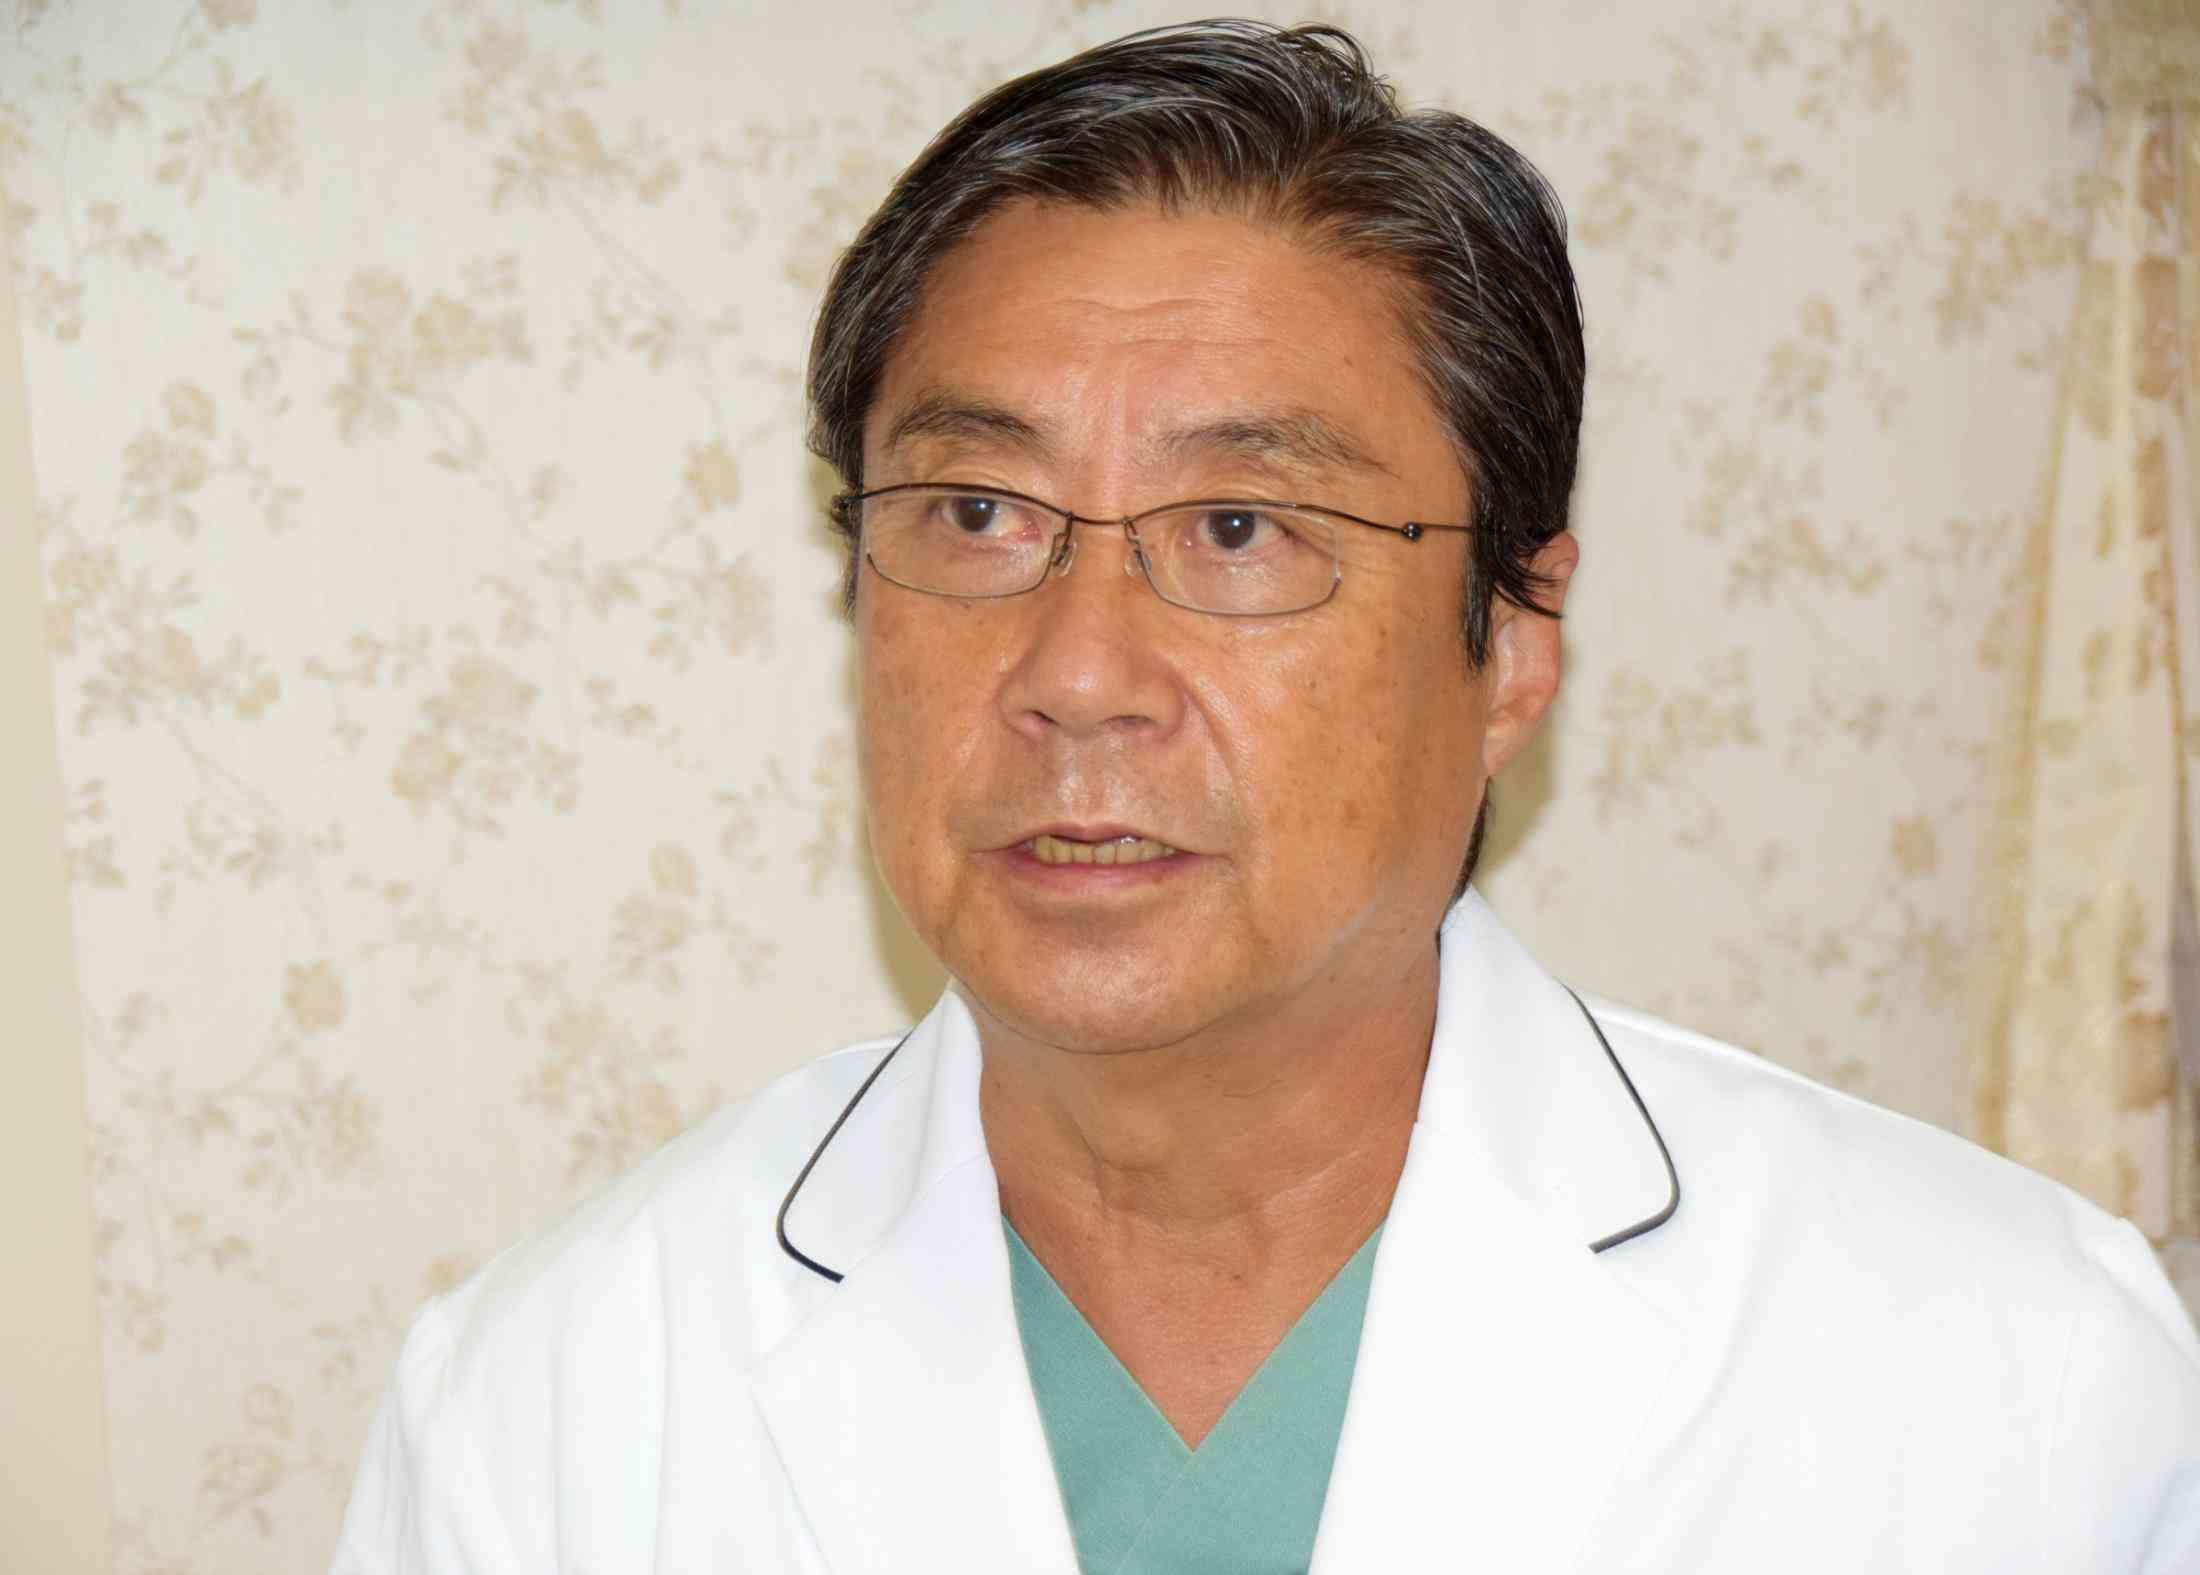 「放射線の影響は考えにくい」に疑問 福島の甲状腺検査 評価部会長が辞表 (北海道新聞) - Yahoo!ニュース